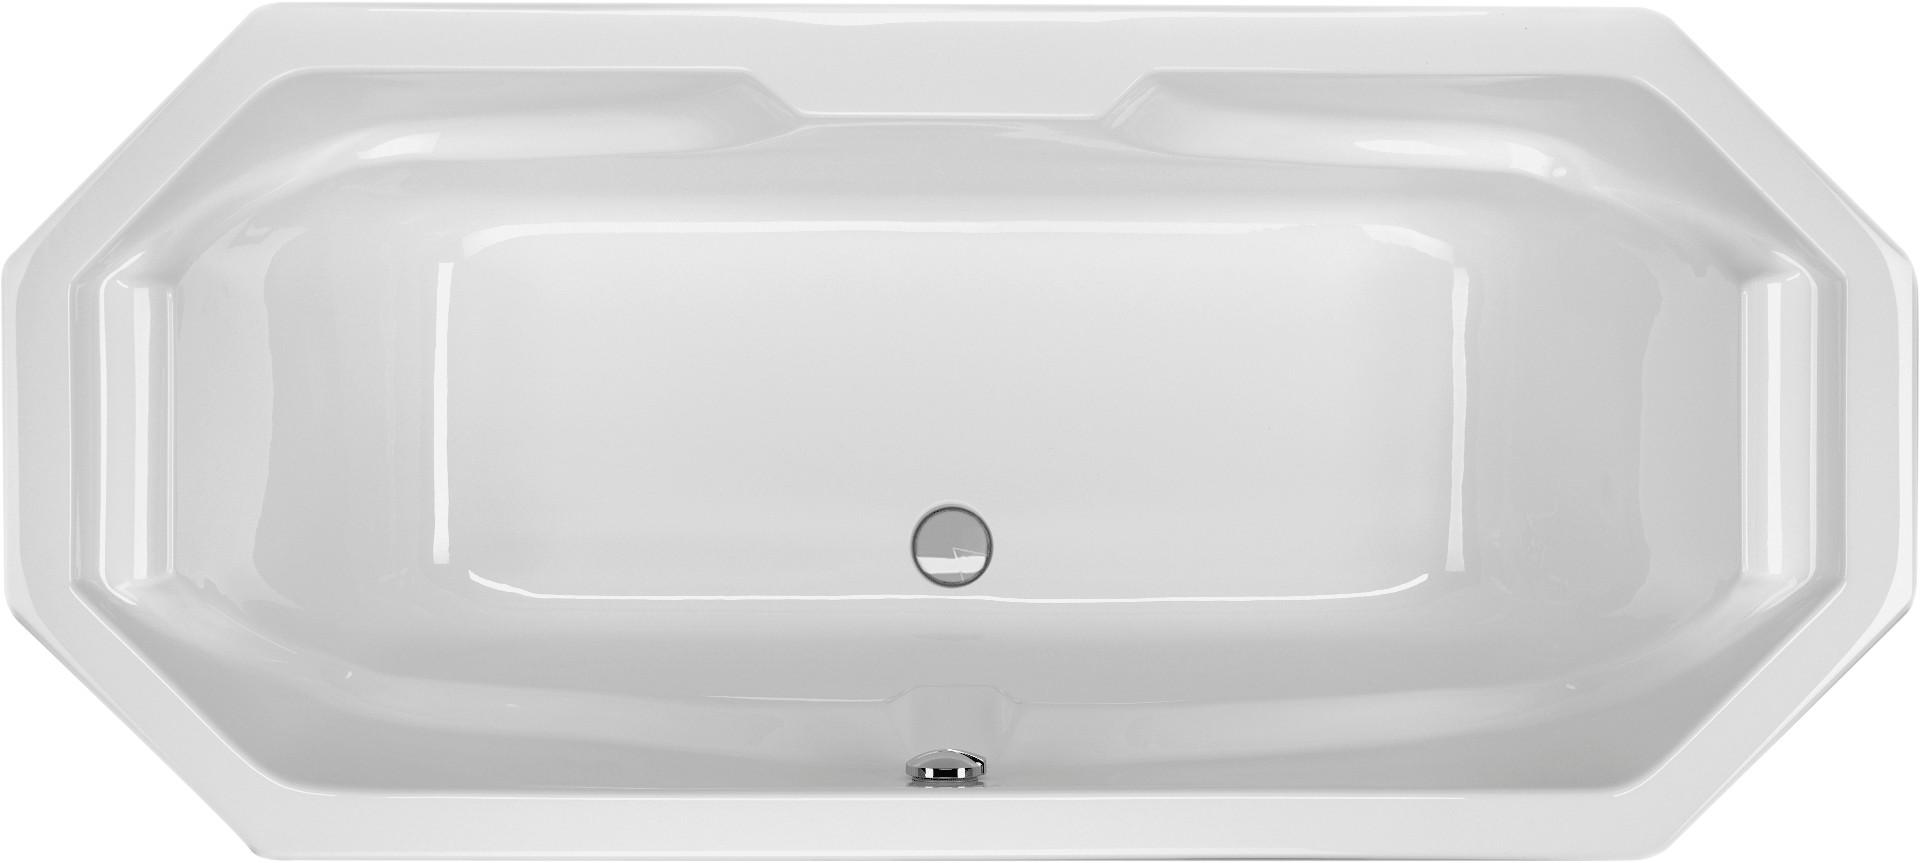 achteckbadewanne 190 x 85 x 48 cm badewanne badewanne achteckwanne. Black Bedroom Furniture Sets. Home Design Ideas